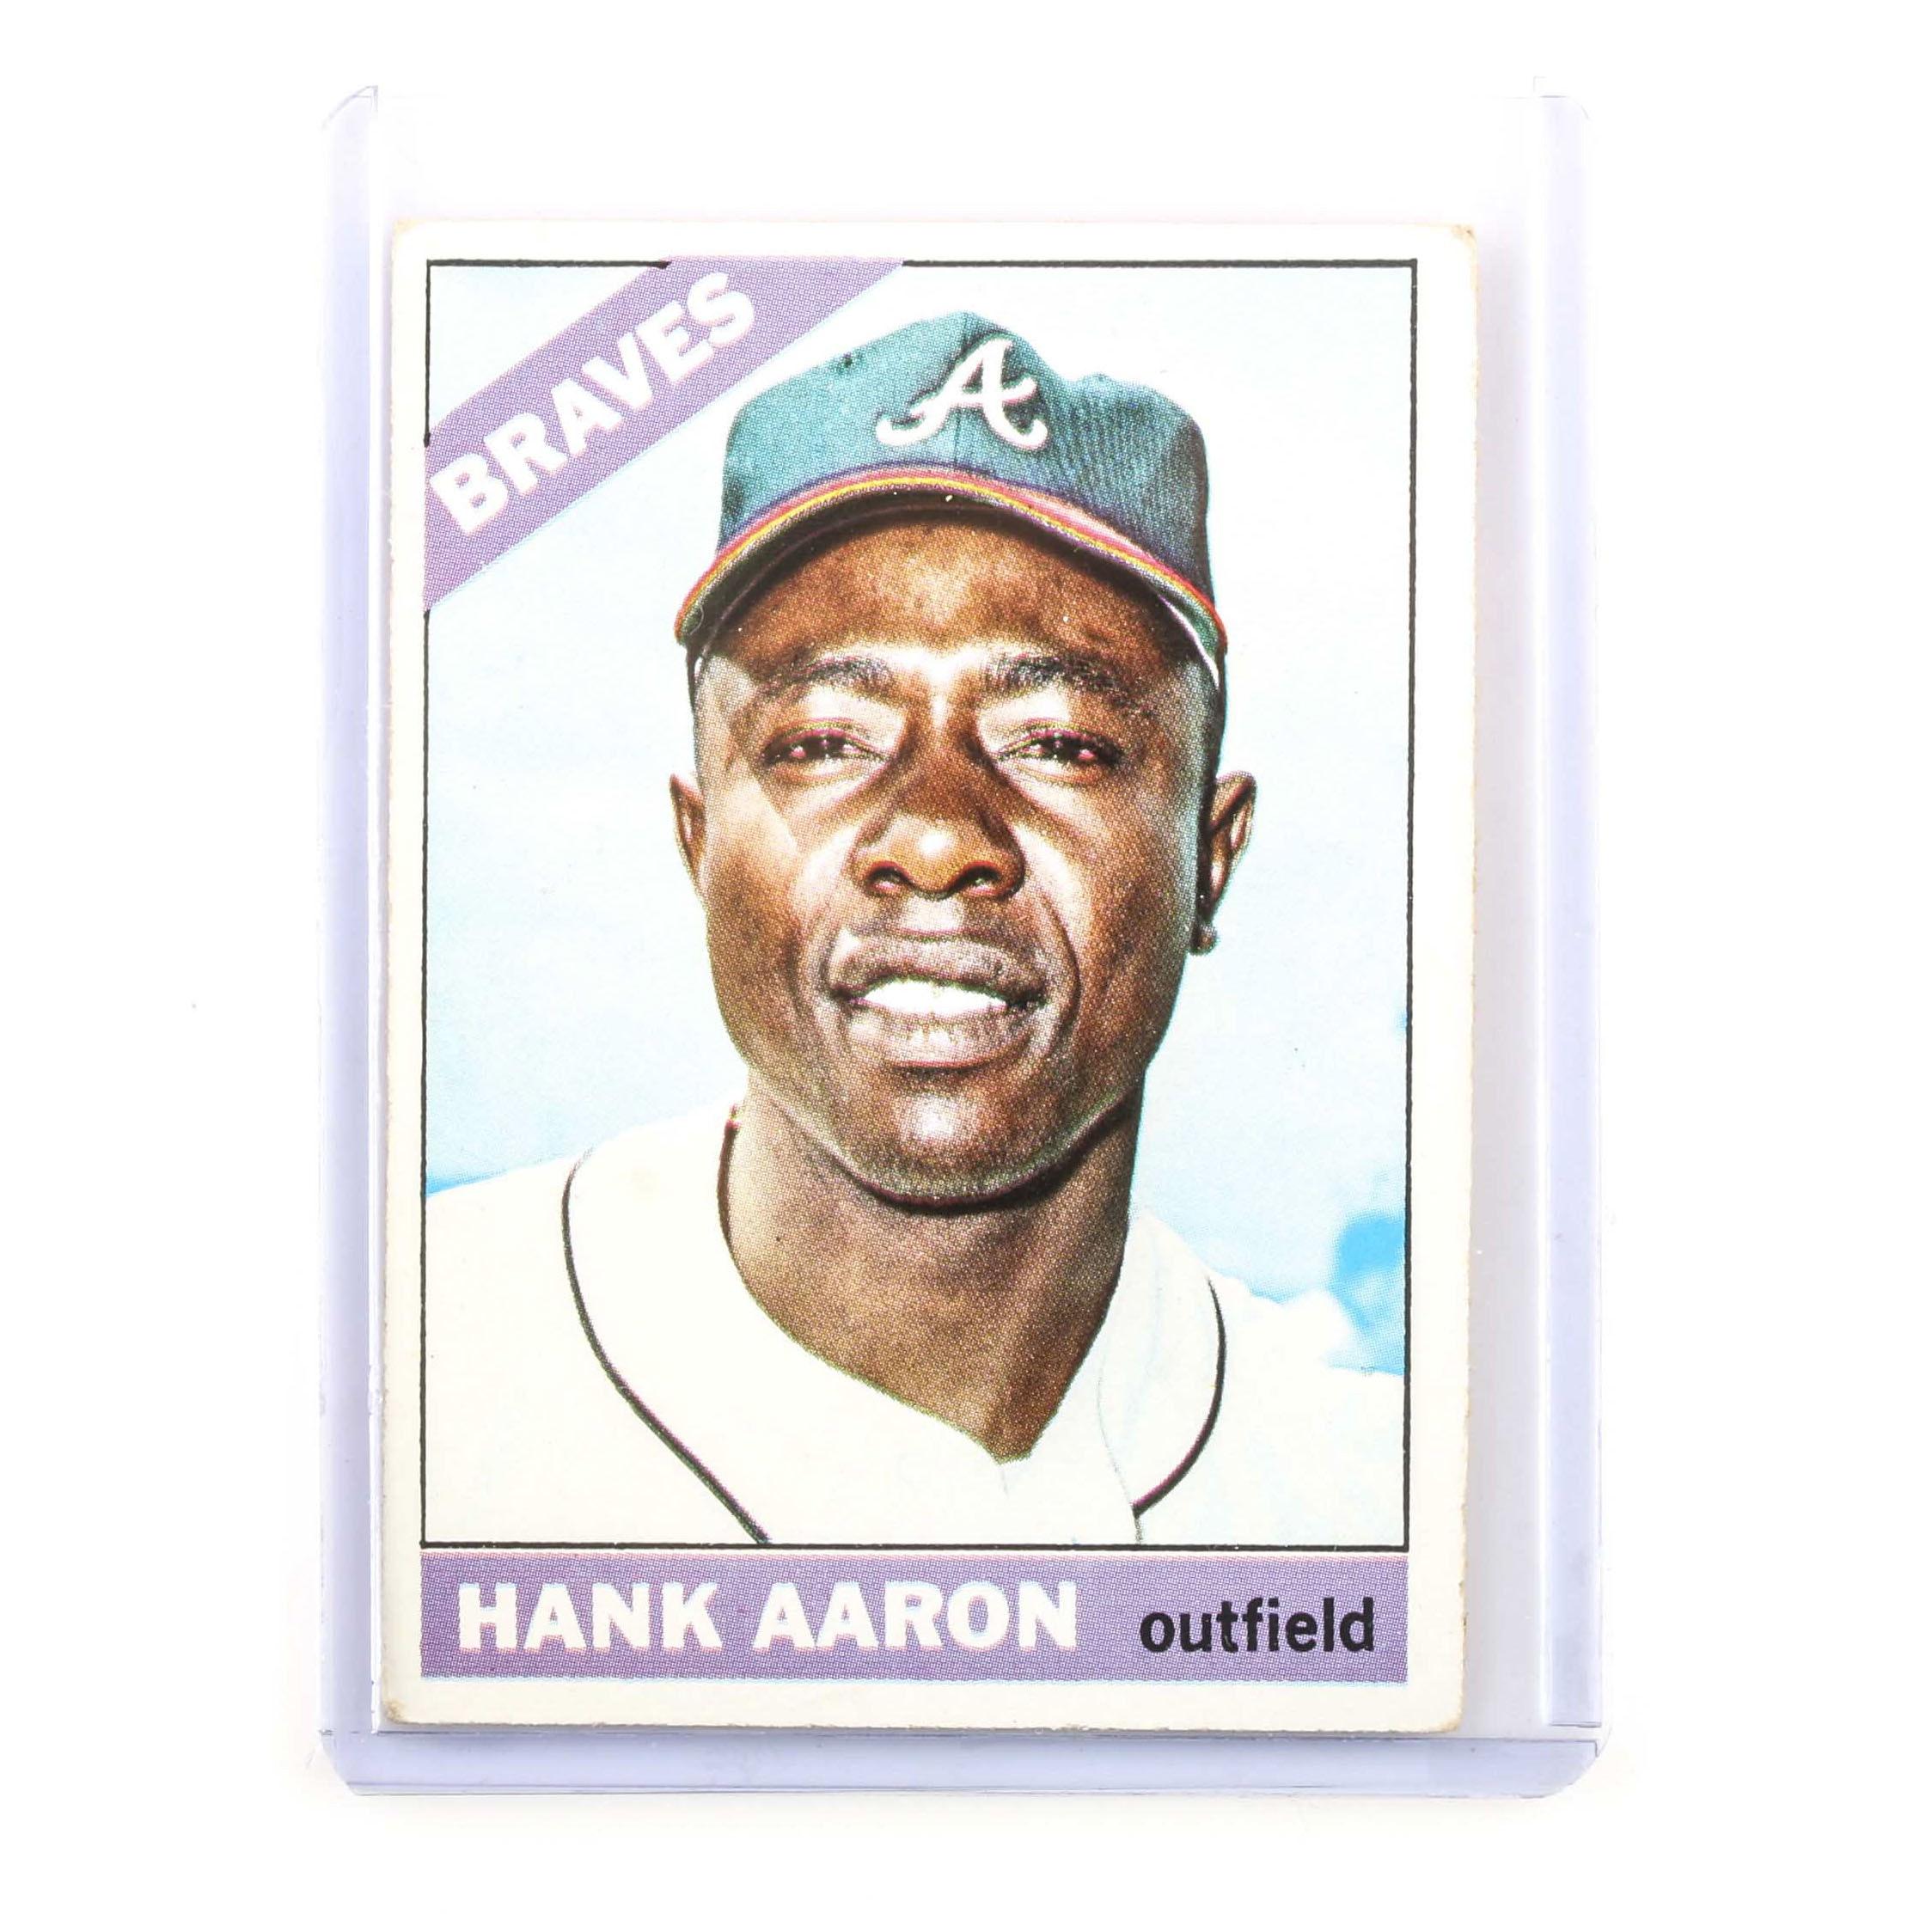 1966 Topps Hank Aaron Baseball Card